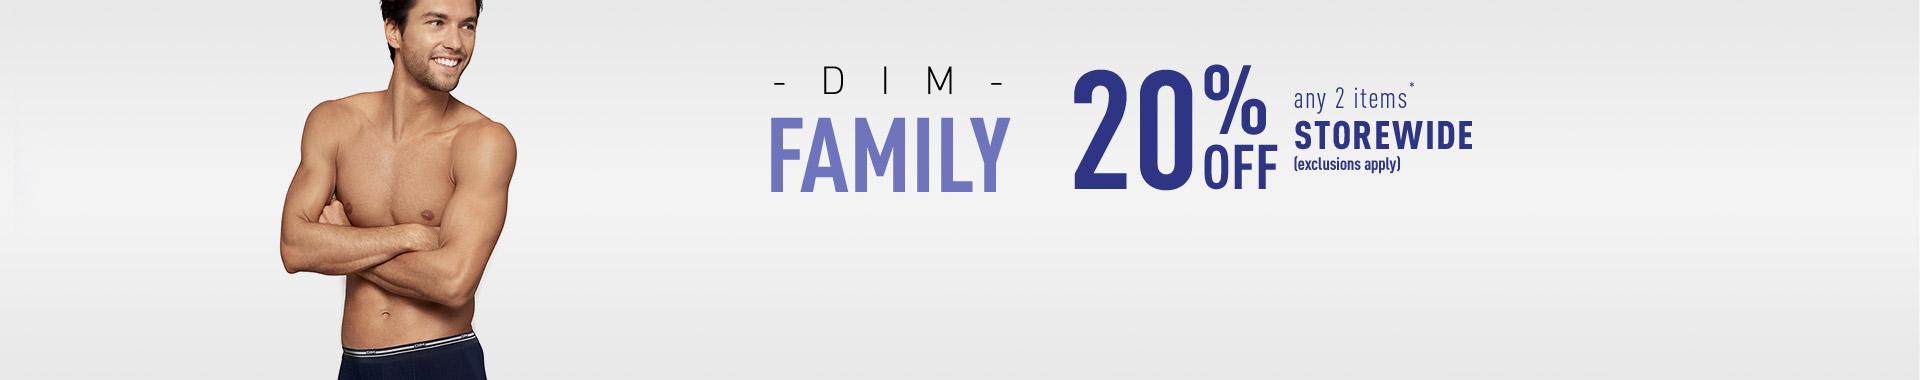 DIM FAMILY